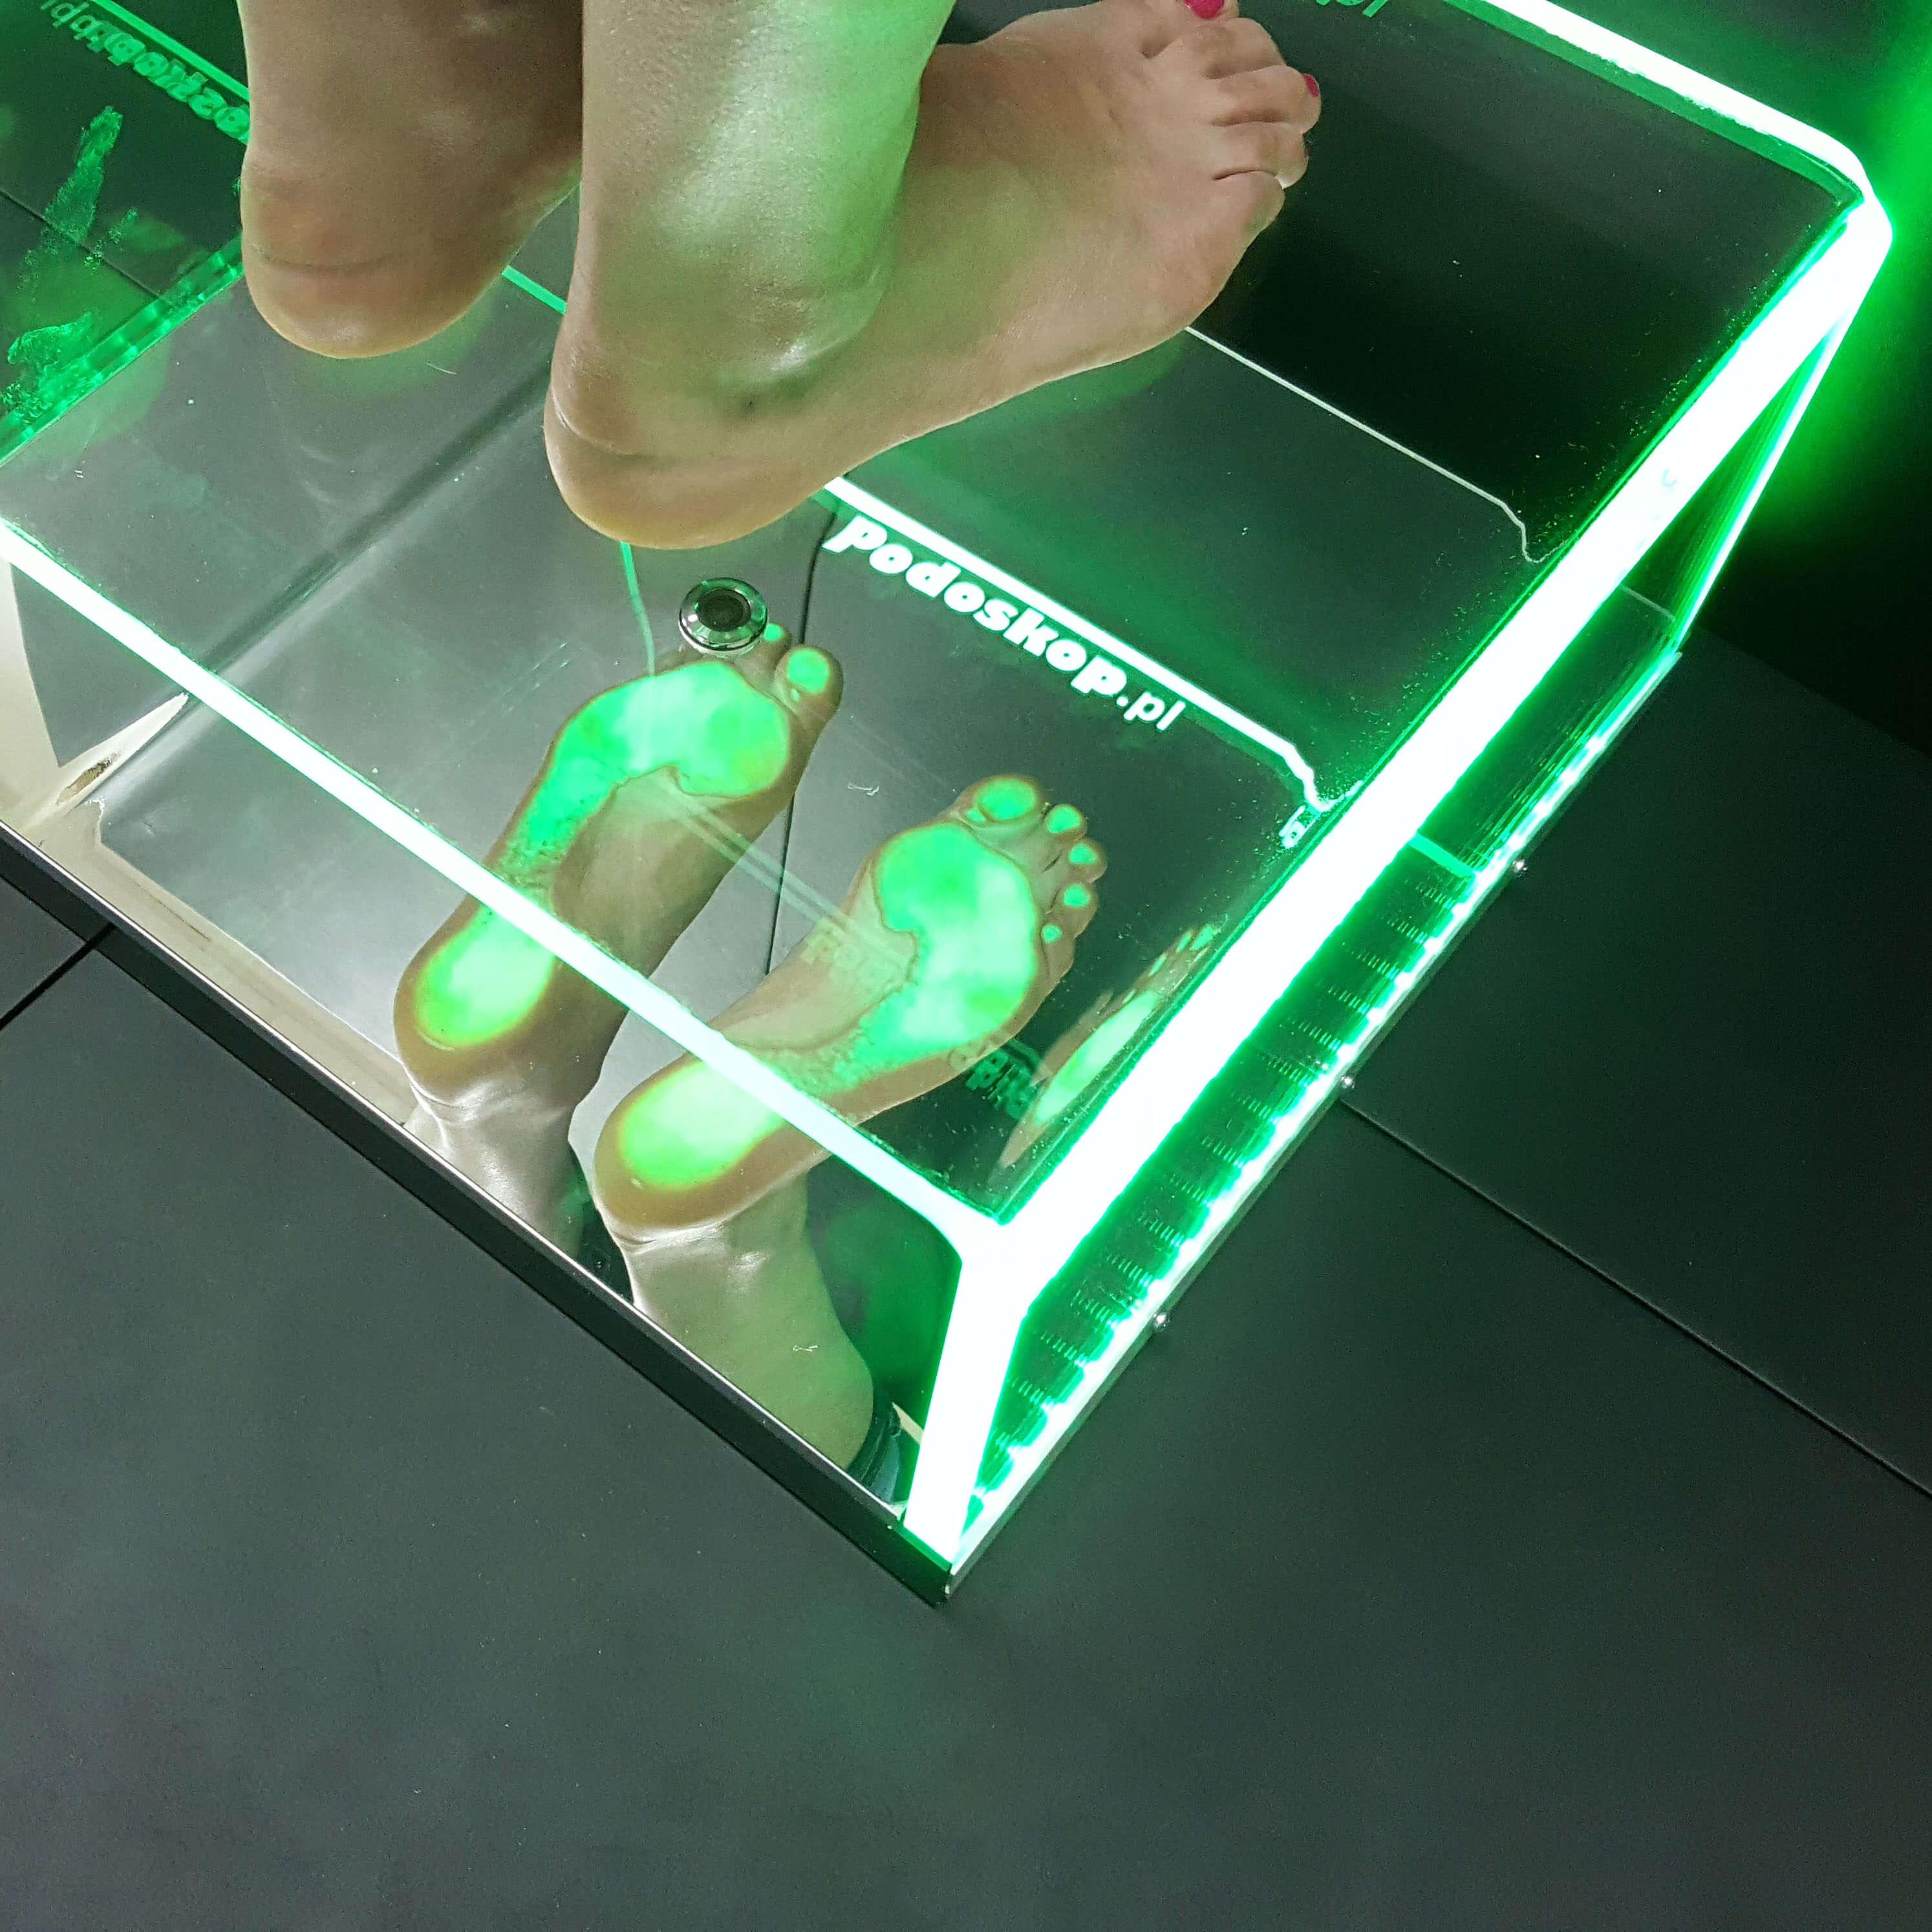 podoskop komputerowy